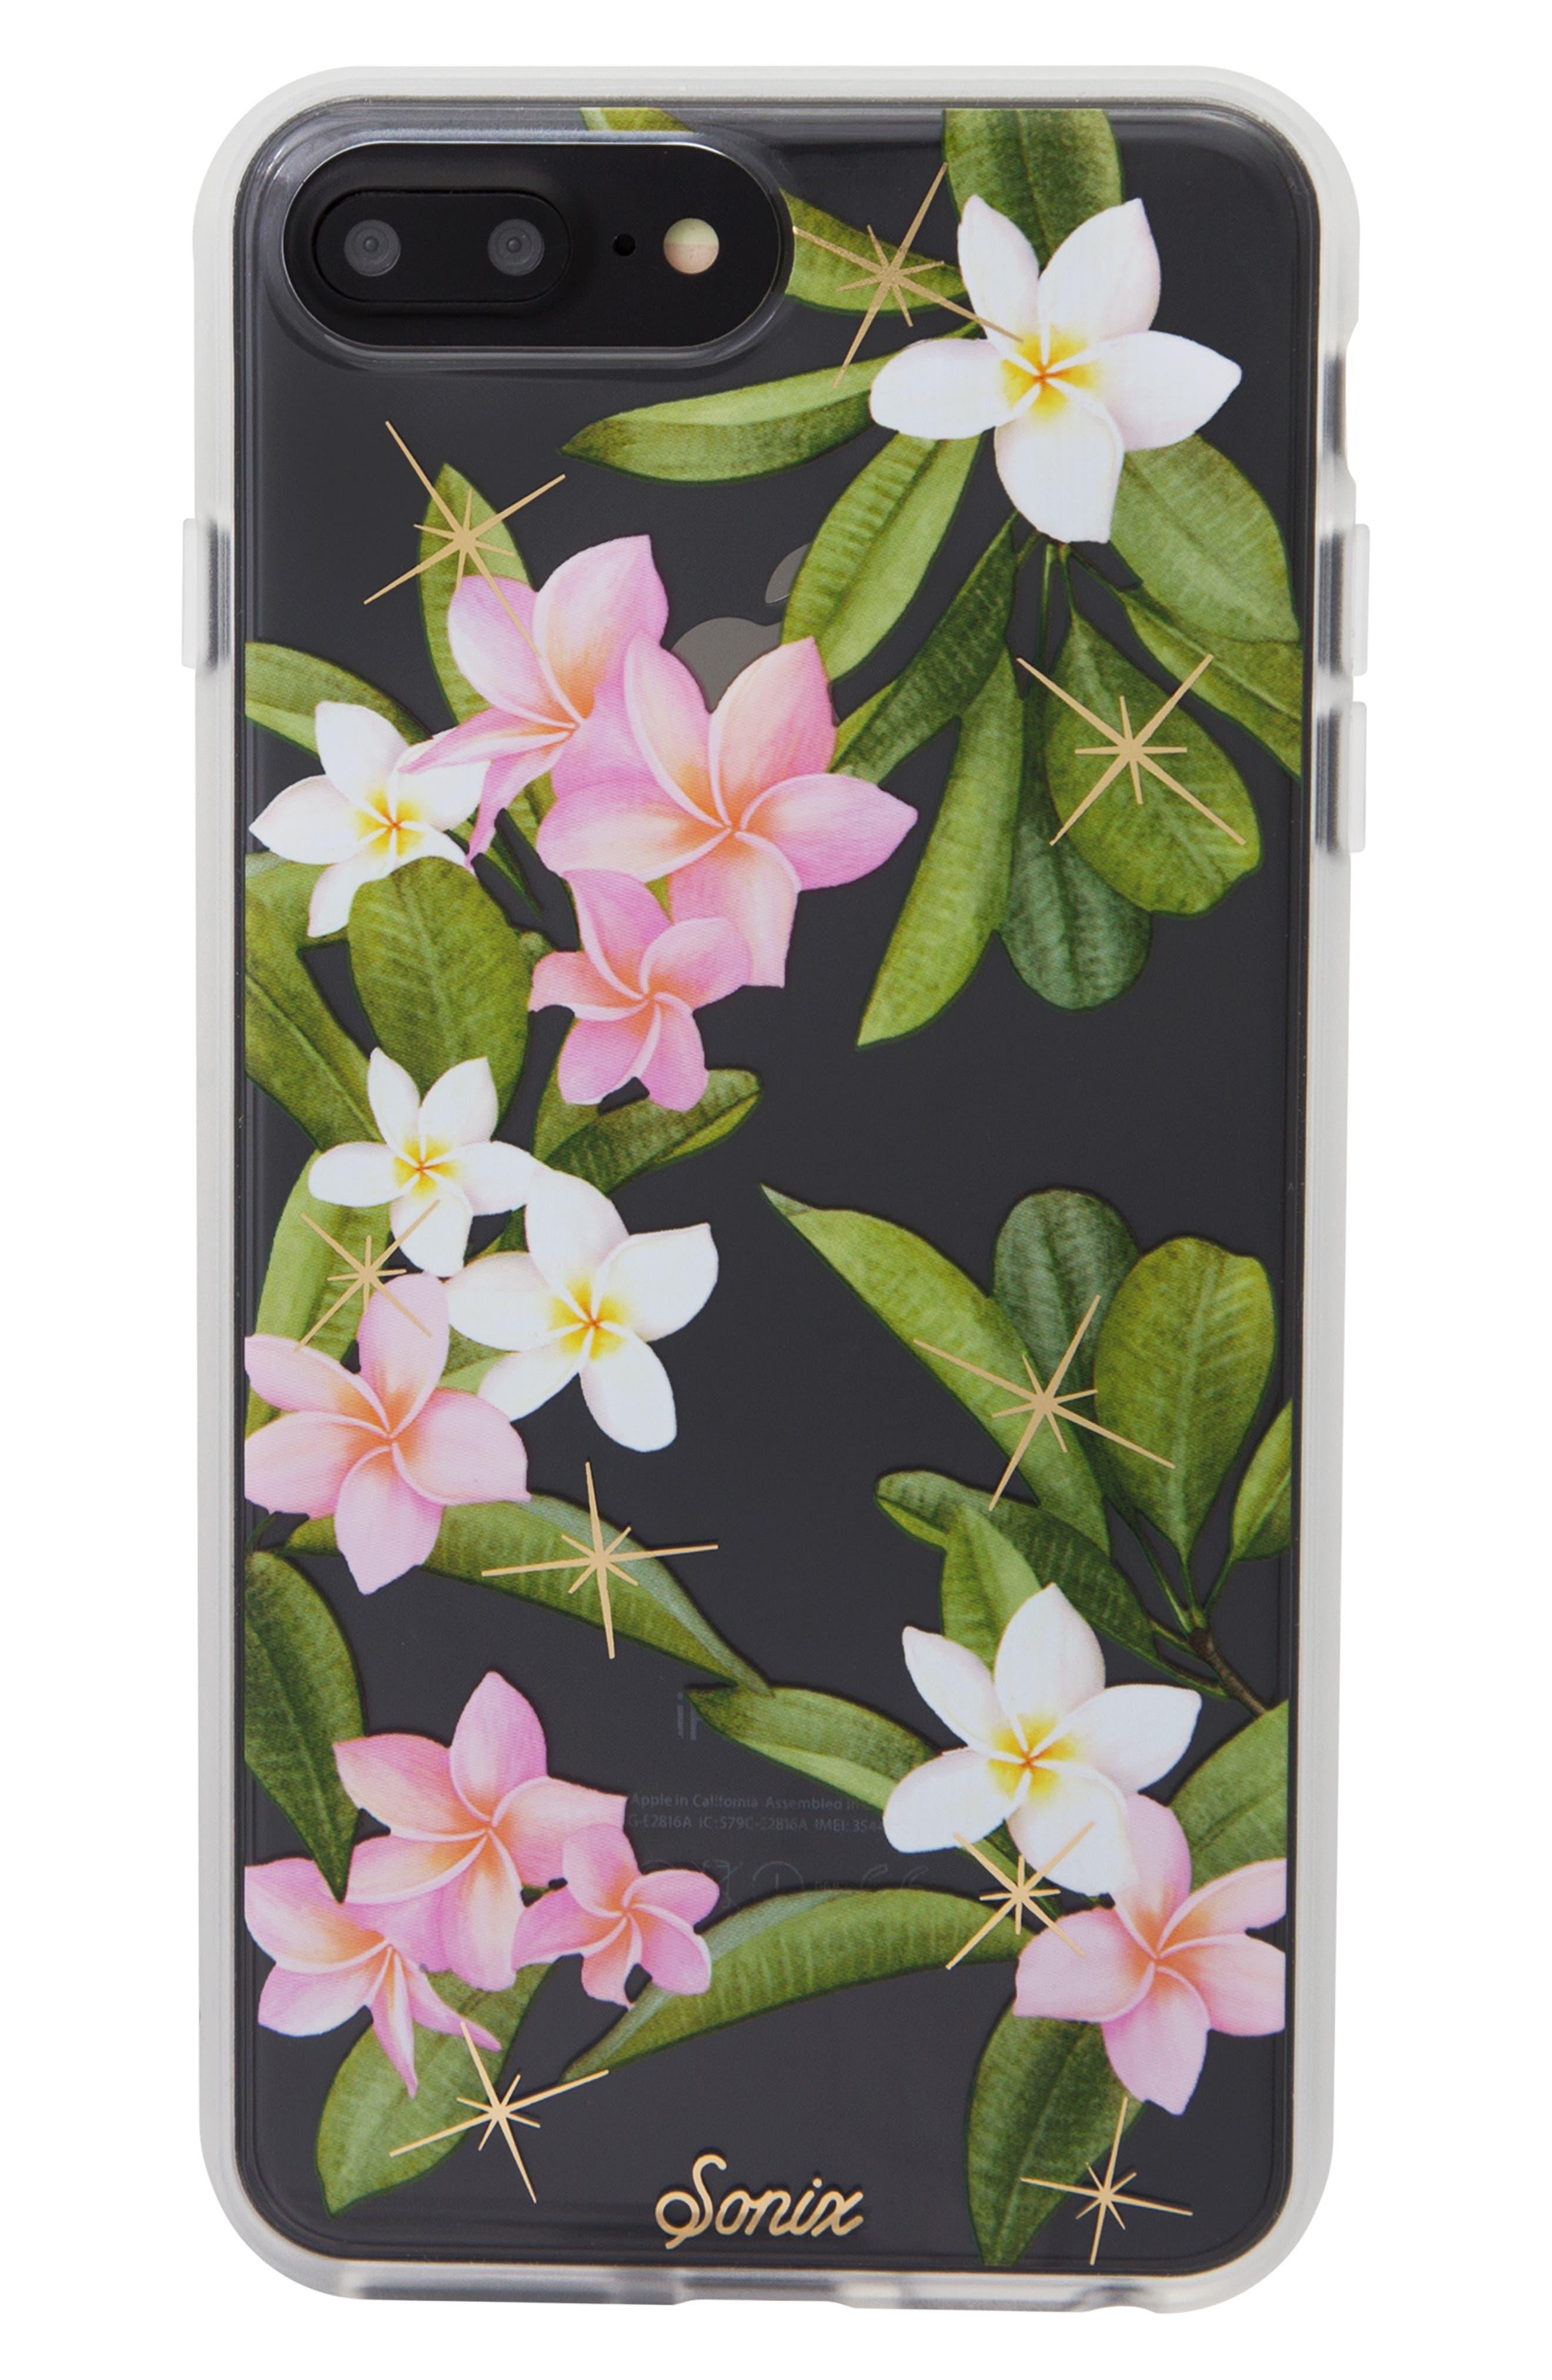 Plumeria iPhone X/Xs, XR & X Max Case,                             Main thumbnail 1, color,                             WHITE